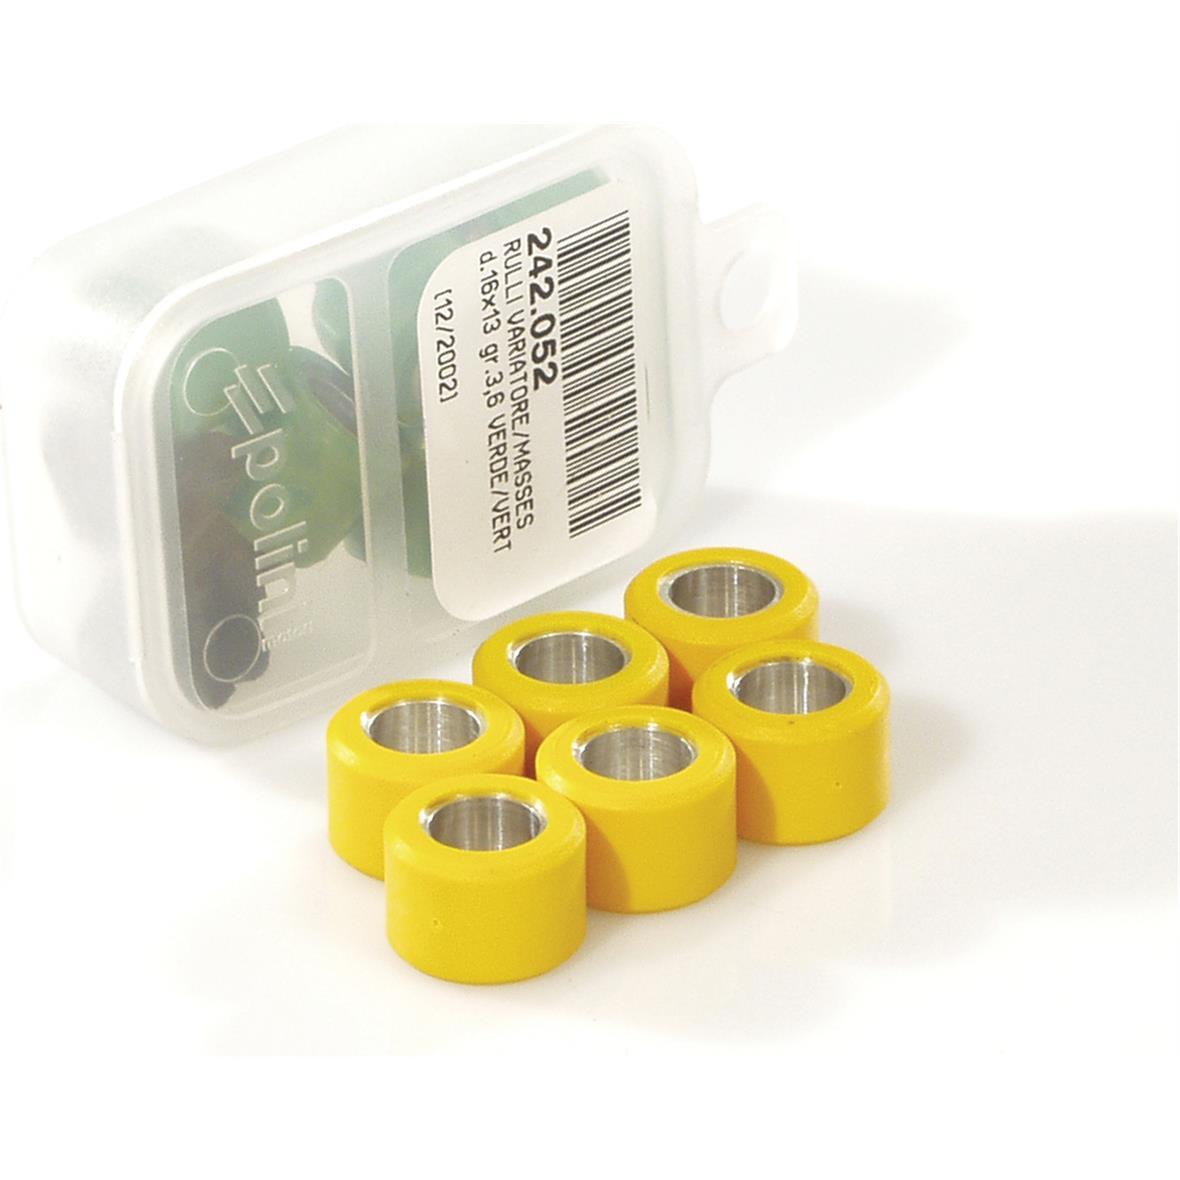 Obrázek výrobku pro 'Válečky variátoru POLINI 17x12 mm 6,7 gramTitle'